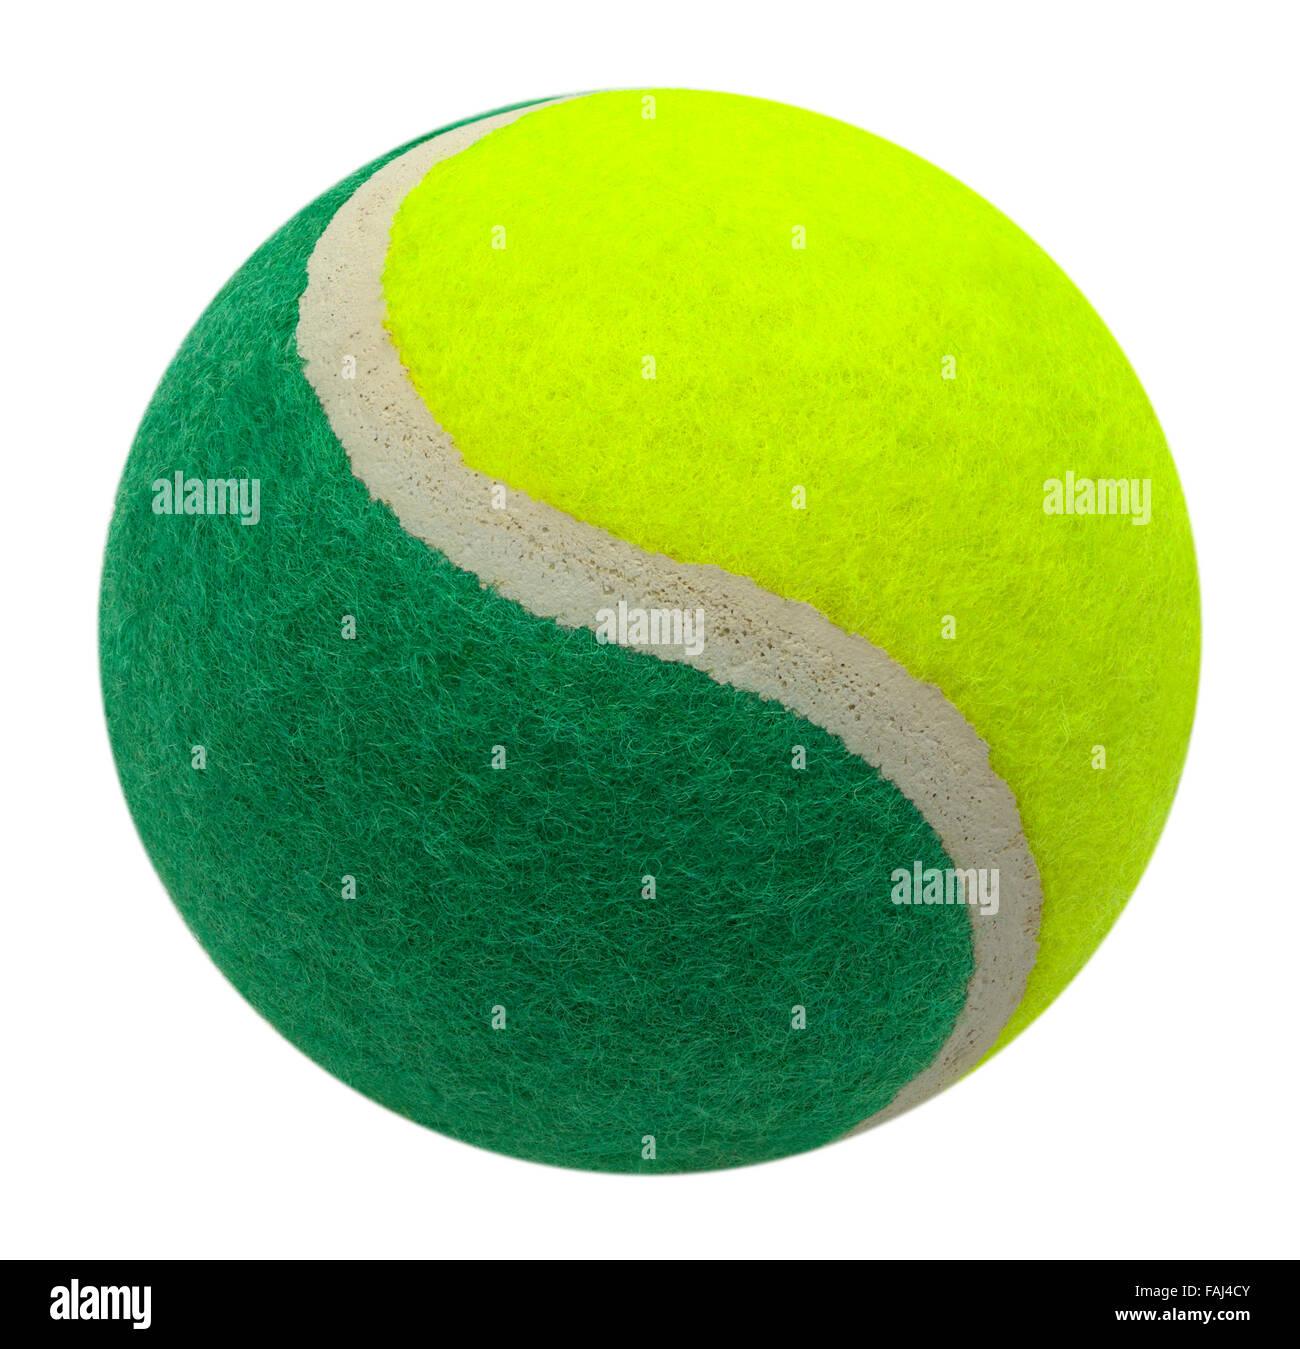 e0299ec21e270 Bicolore Vert et Jaune Balle de Tennis isolé sur un fond blanc ...